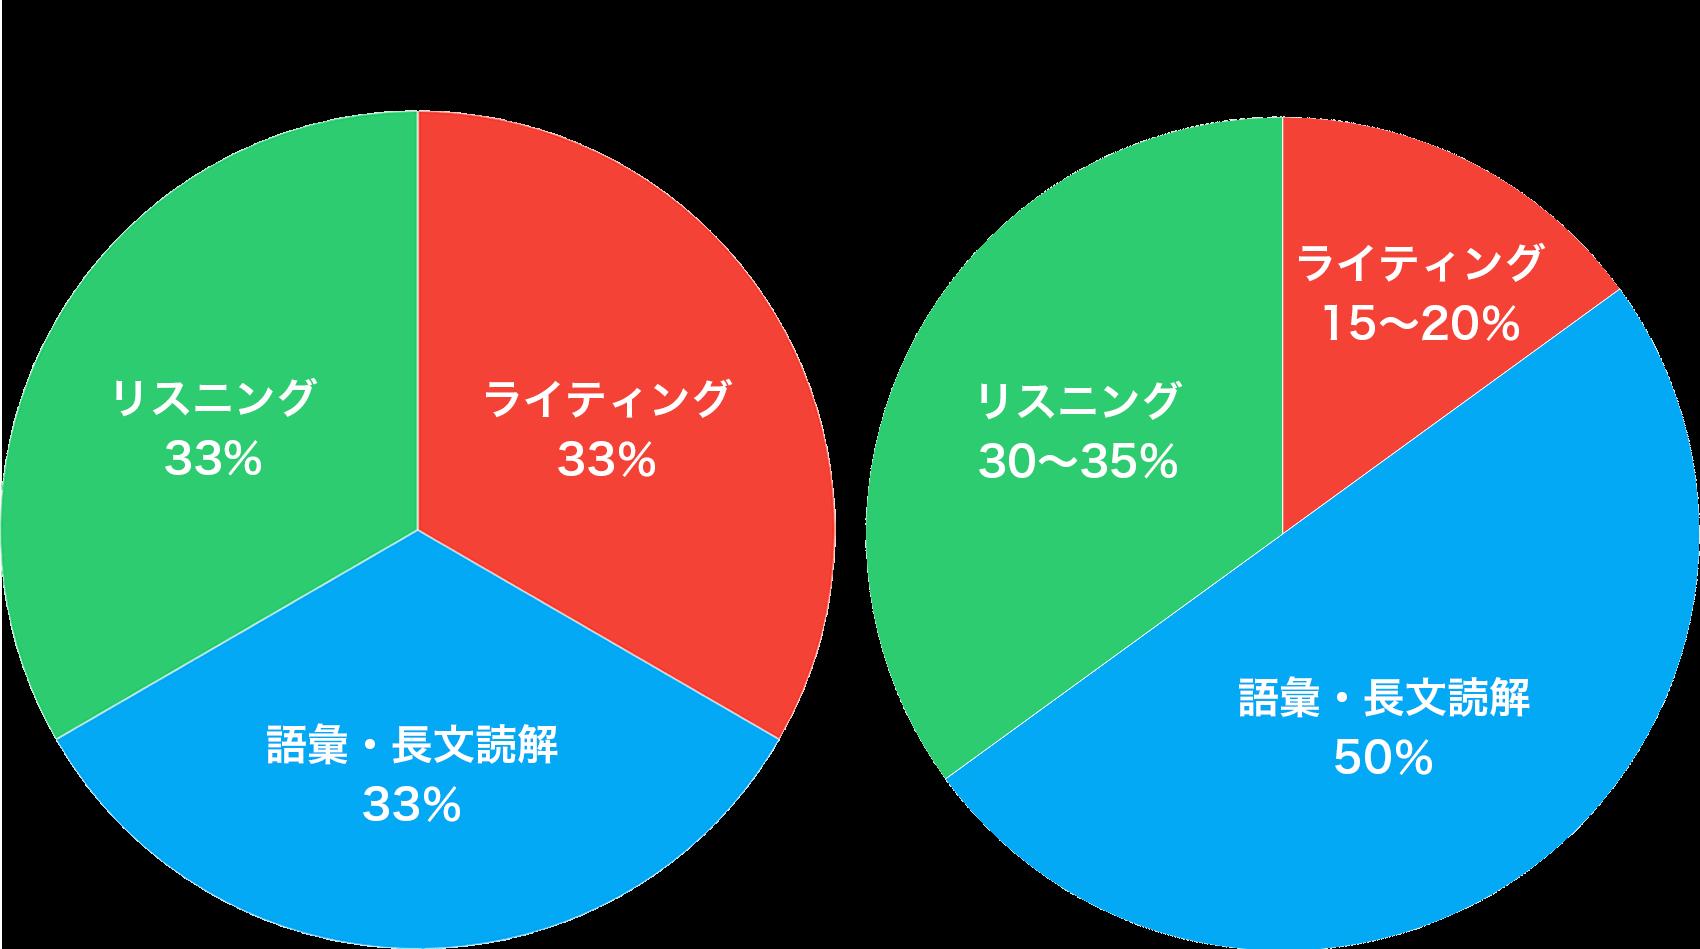 新・旧形式の点数配分